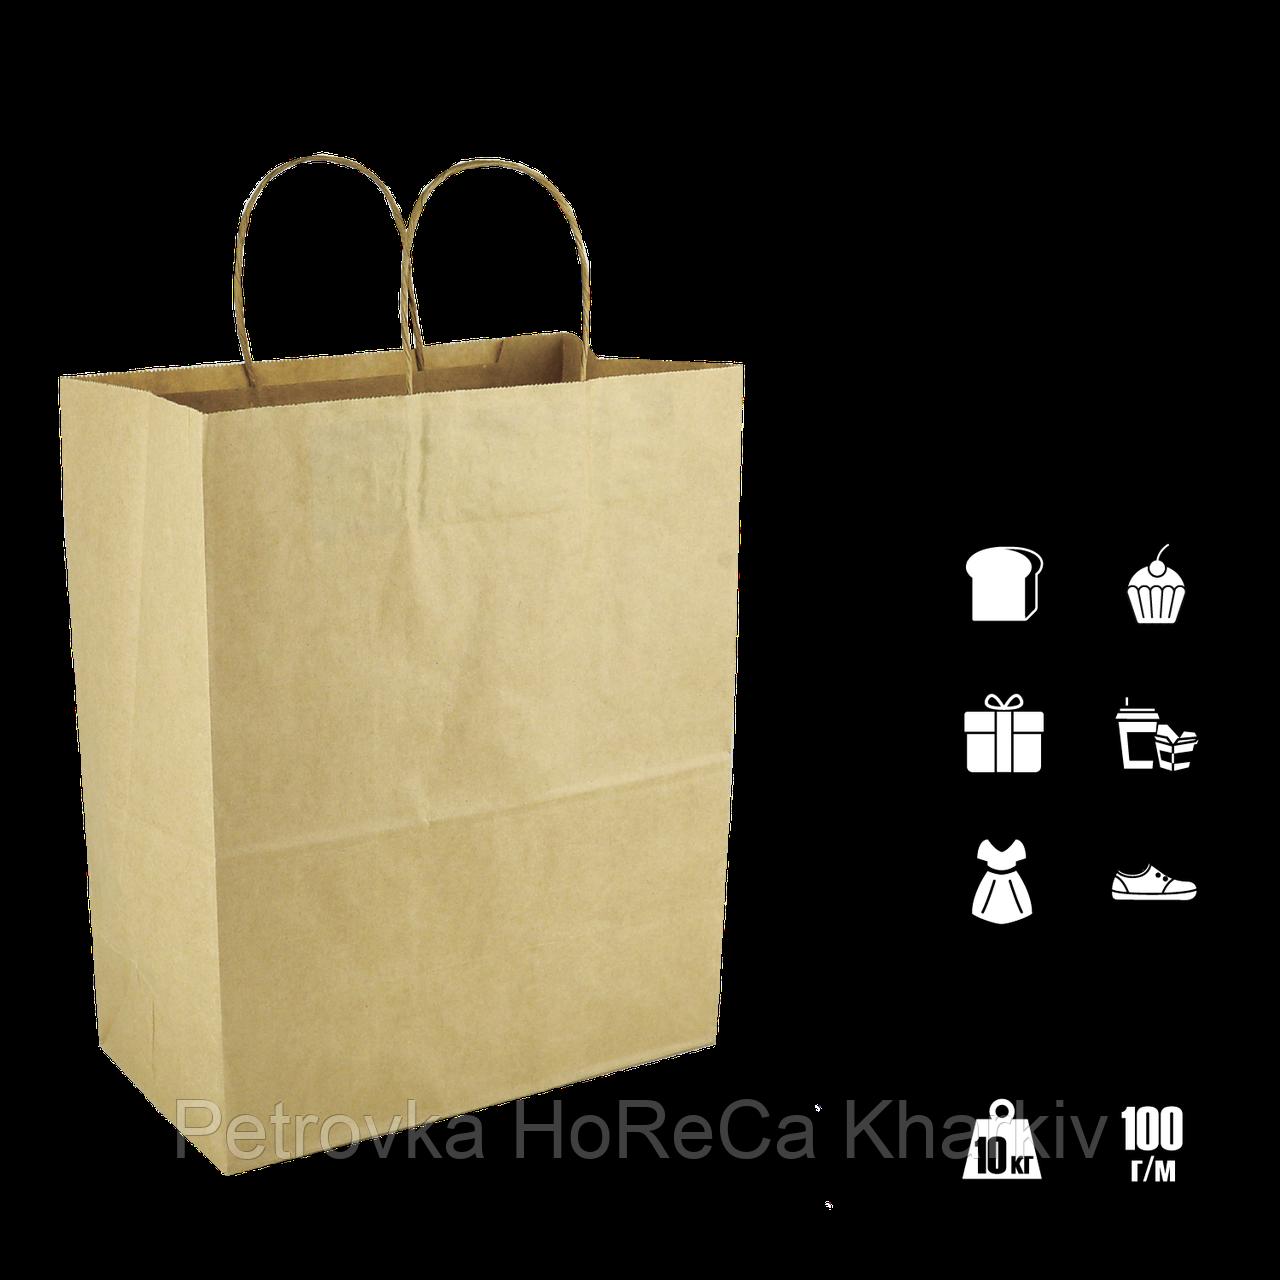 Бумажный пакет крафтовый с кручеными ручками 250*140*320мм (Ш.Г.В) Пл 100г Нагр 10кг (955)